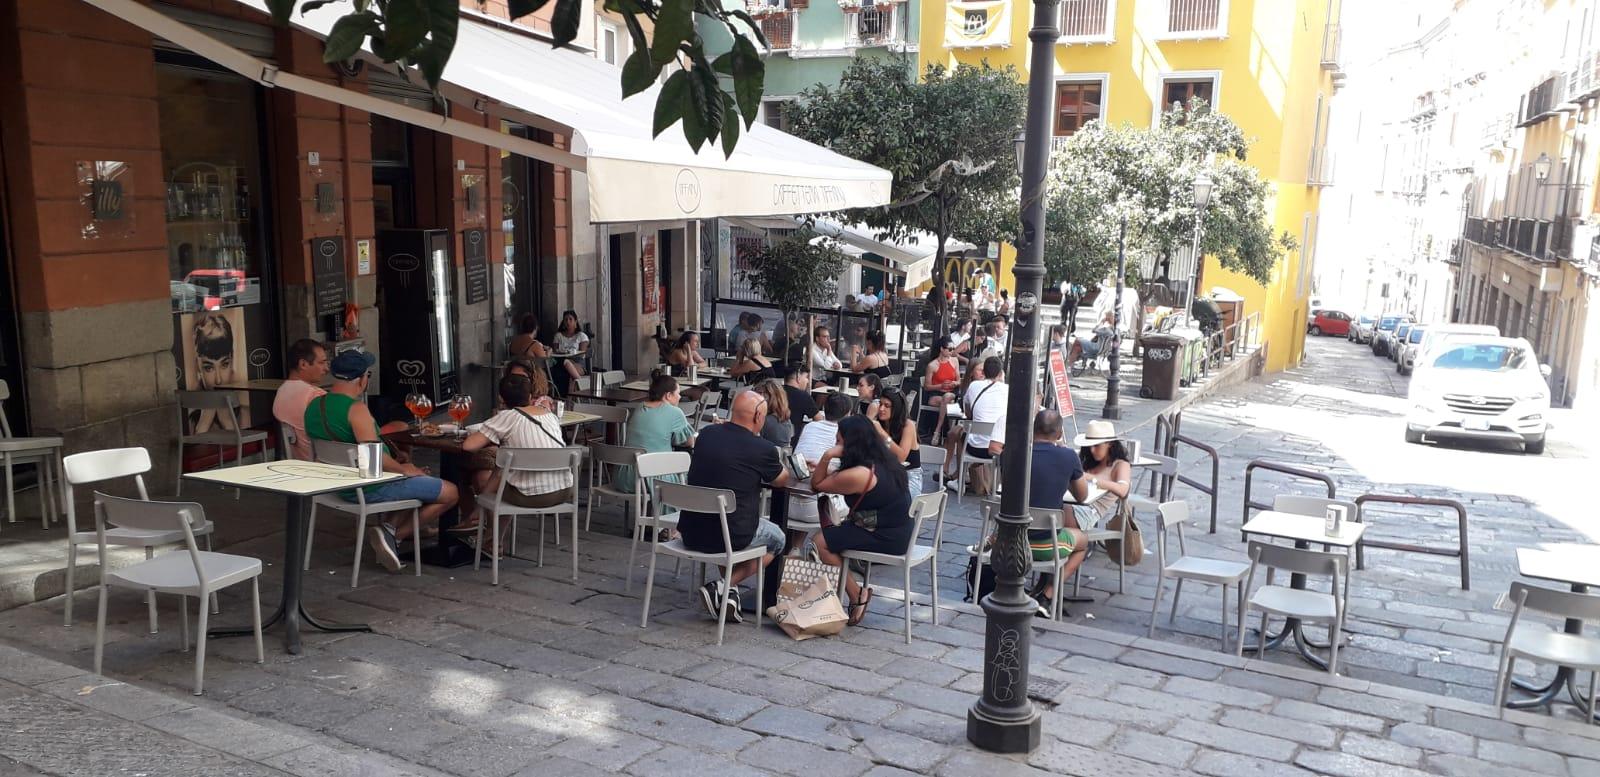 Covid ai minimi termini in Sardegna: 9 nuovi contagi e nessuna vittima nelle ultime 24 ore